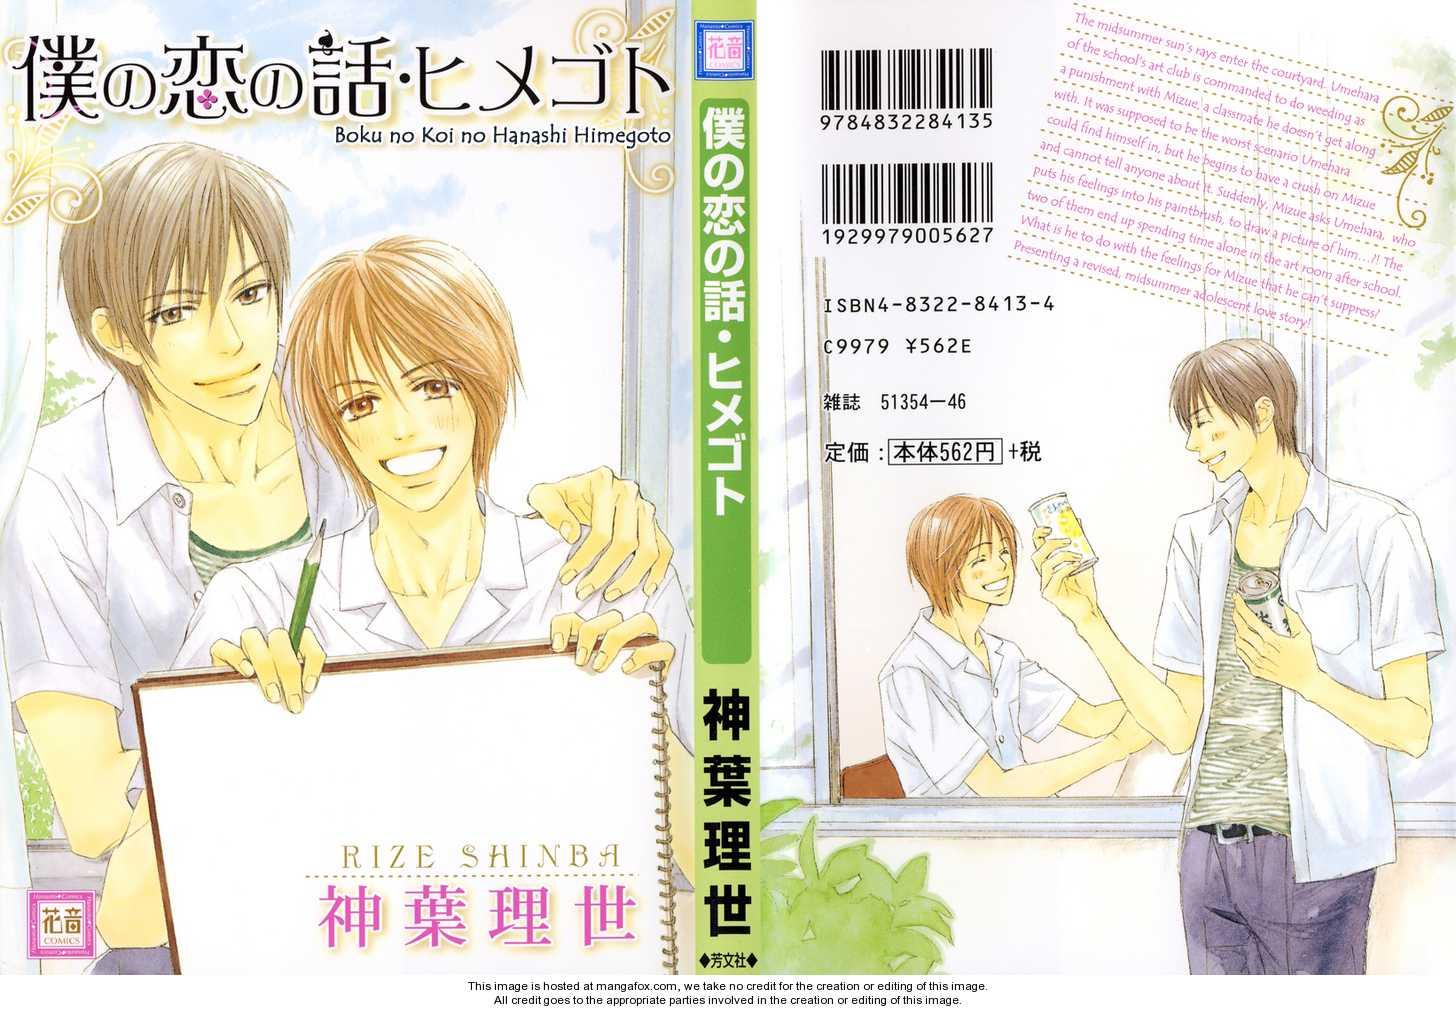 Boku no Koi no Hanashi Himegoto 1 Page 2